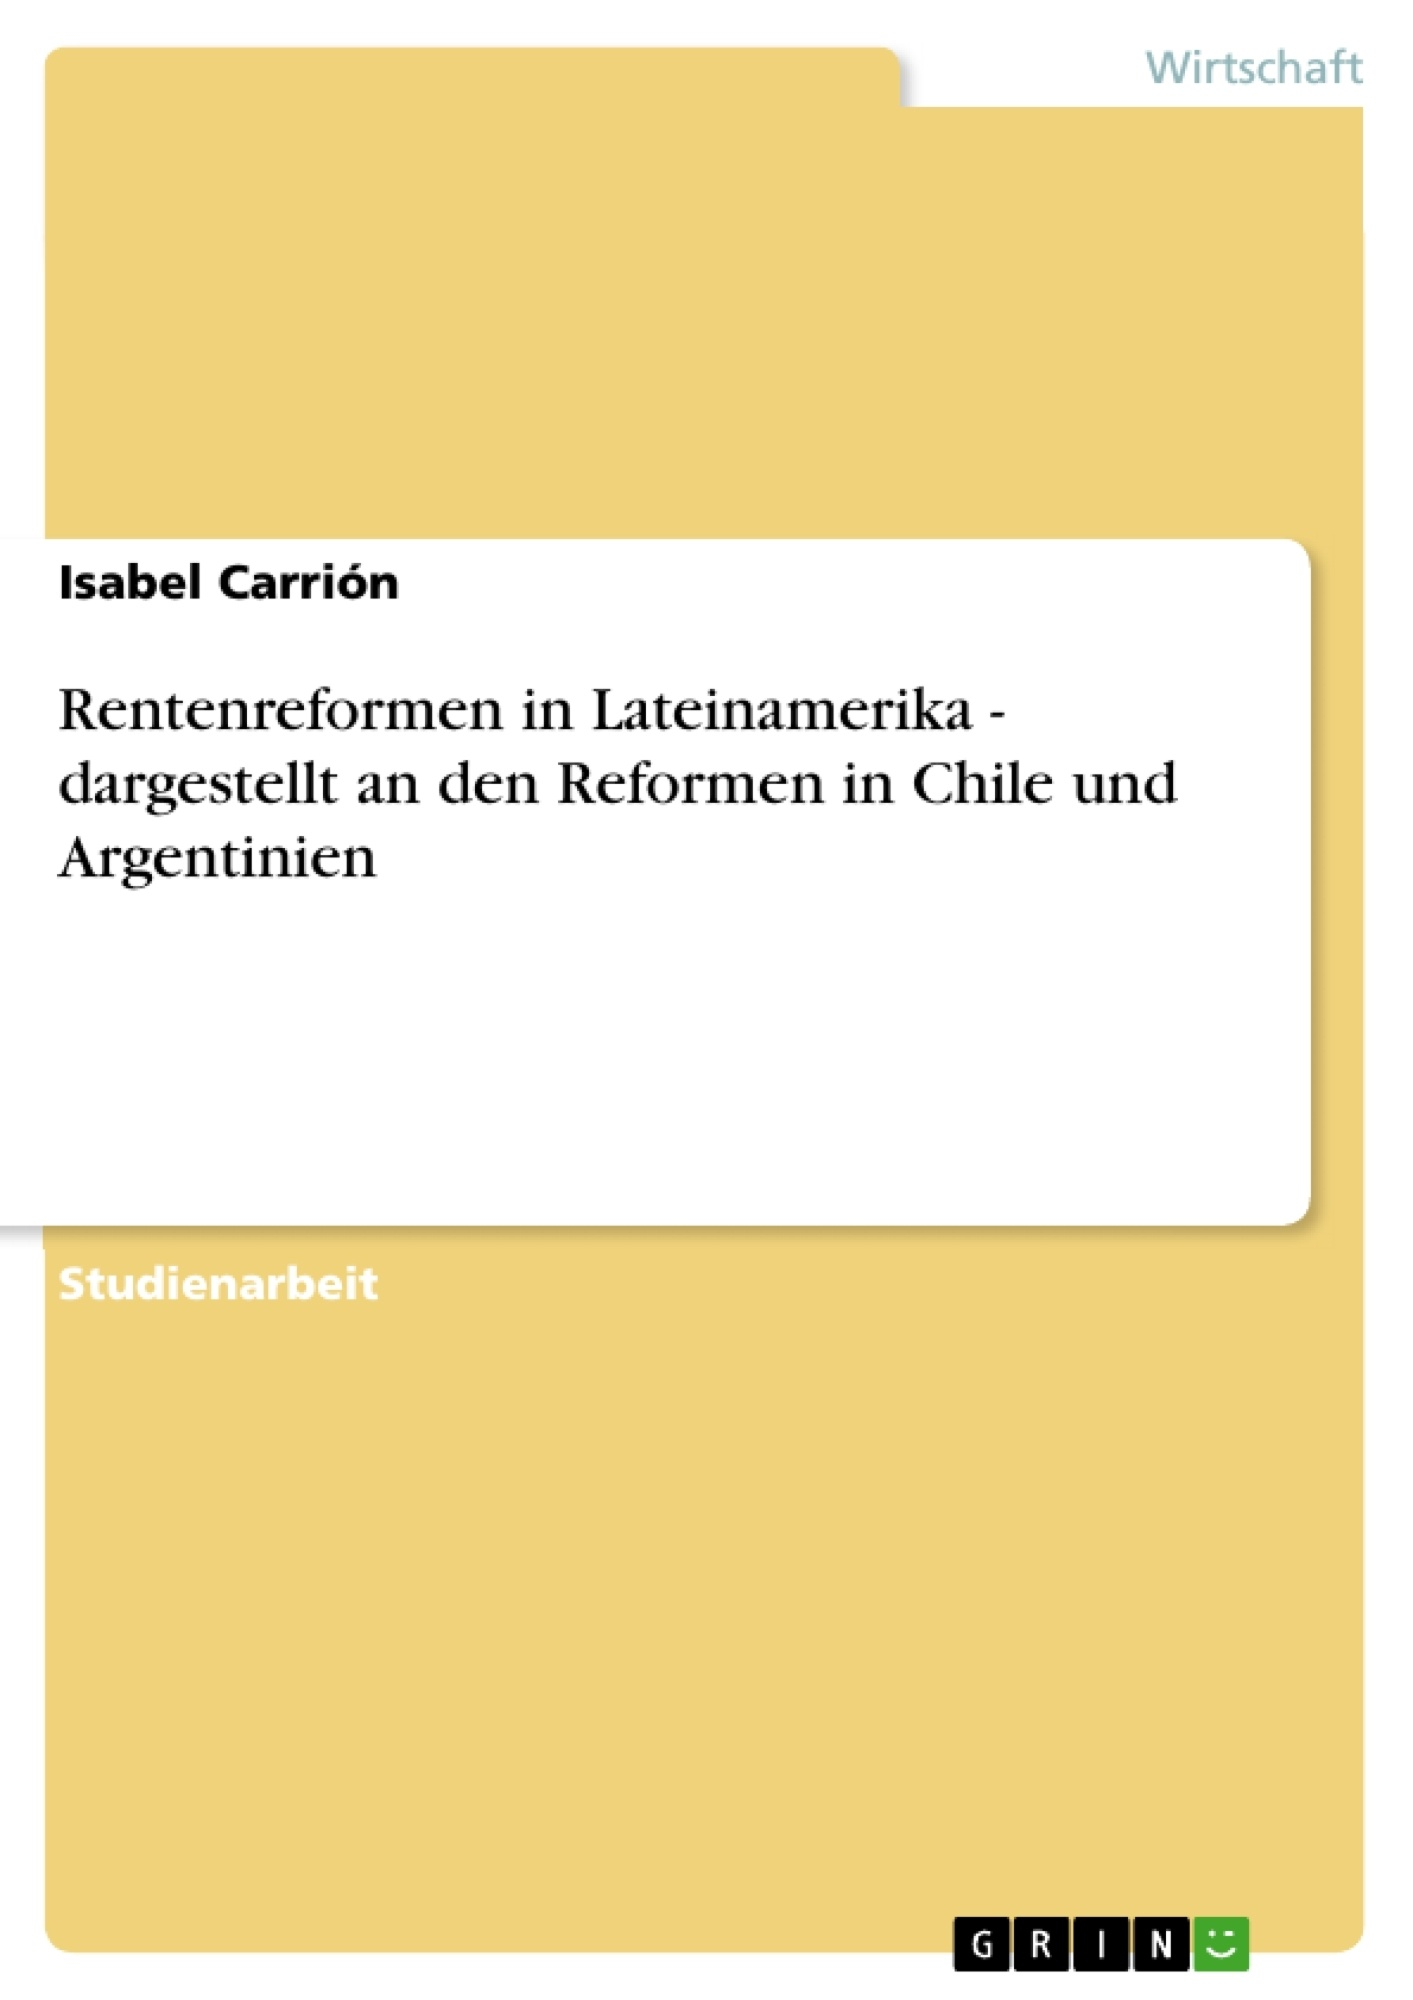 Titel: Rentenreformen in Lateinamerika - dargestellt an den Reformen in Chile und Argentinien